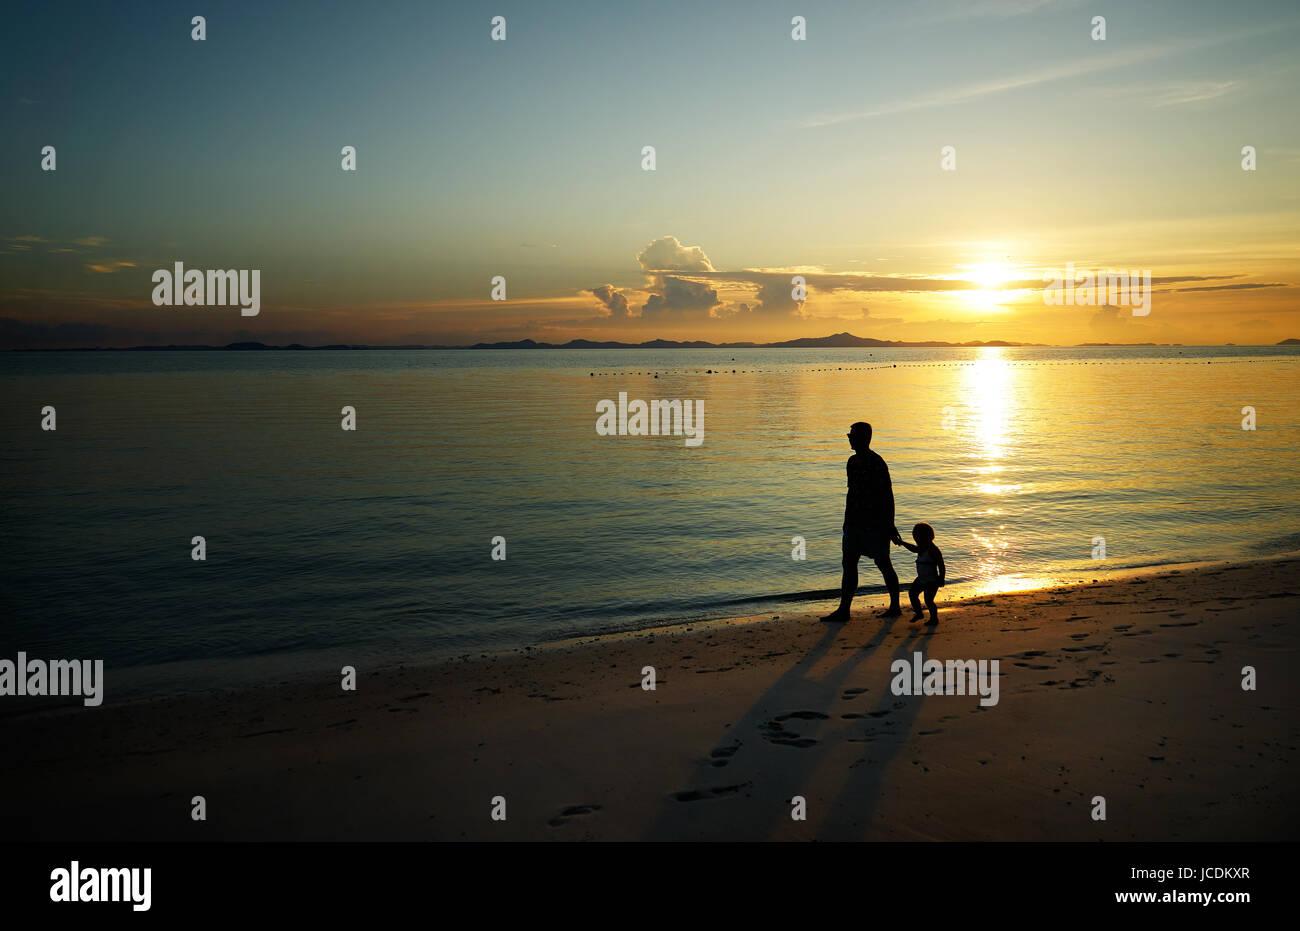 El padre y su hijo caminando por la playa Sunset , silueta shot . Imagen De Stock